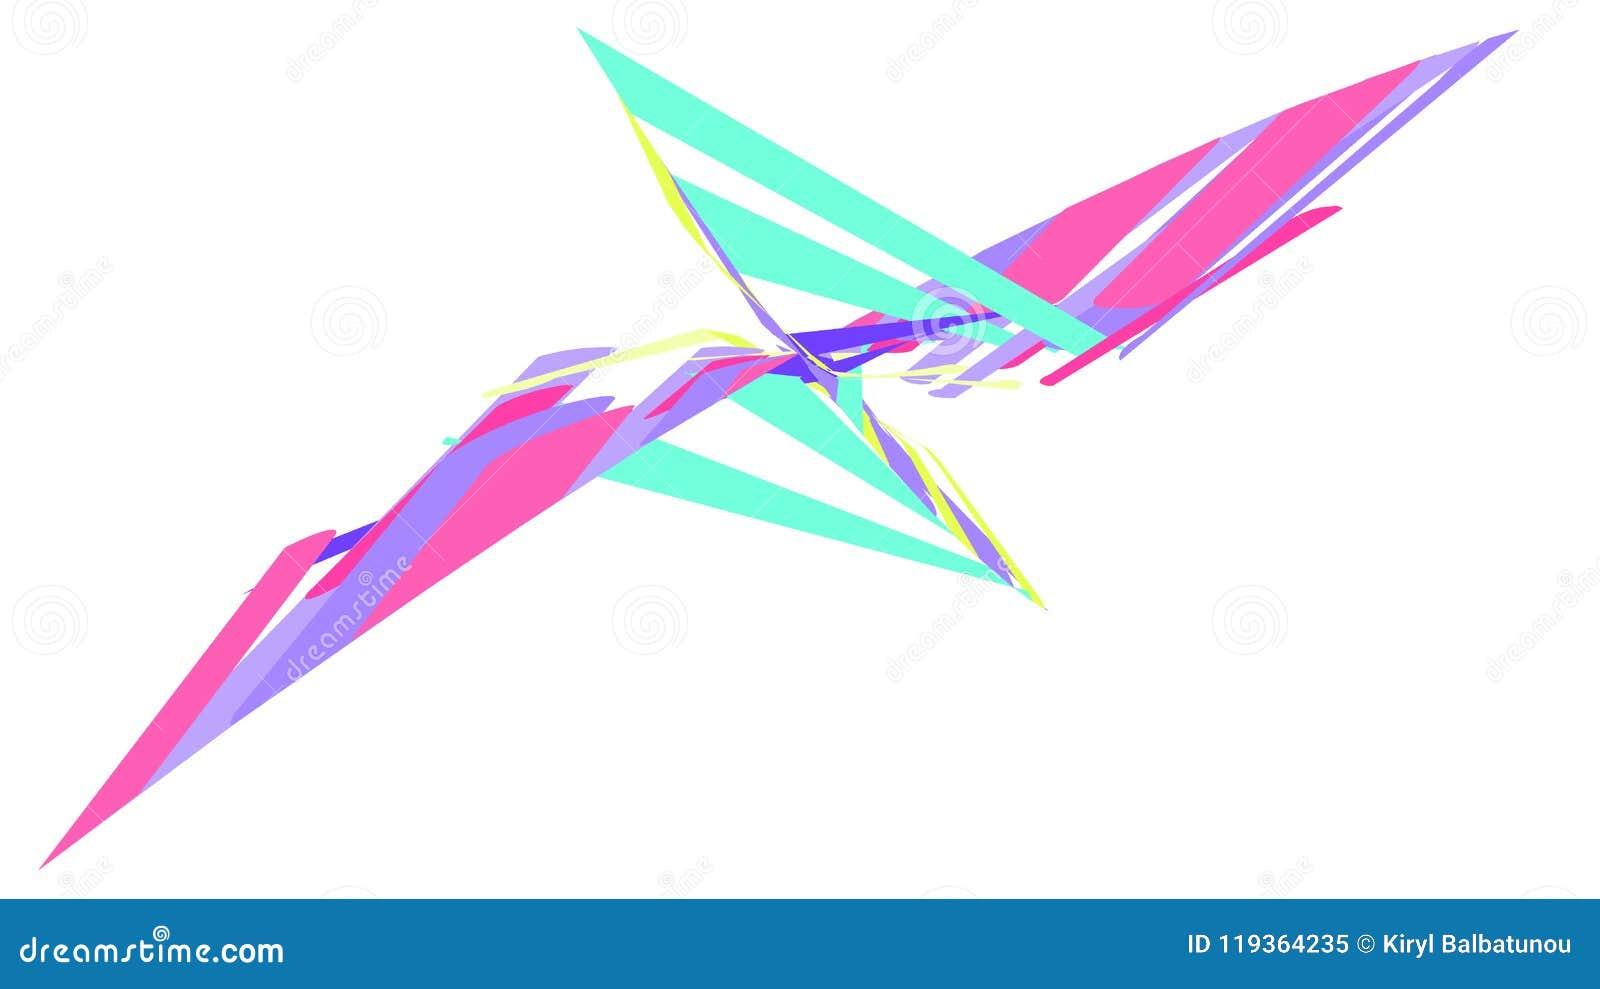 Fundo simples de uma figura geométrica brilhante colorido bonita abstrata minimalistic sob a forma de uma borboleta, flor, bi